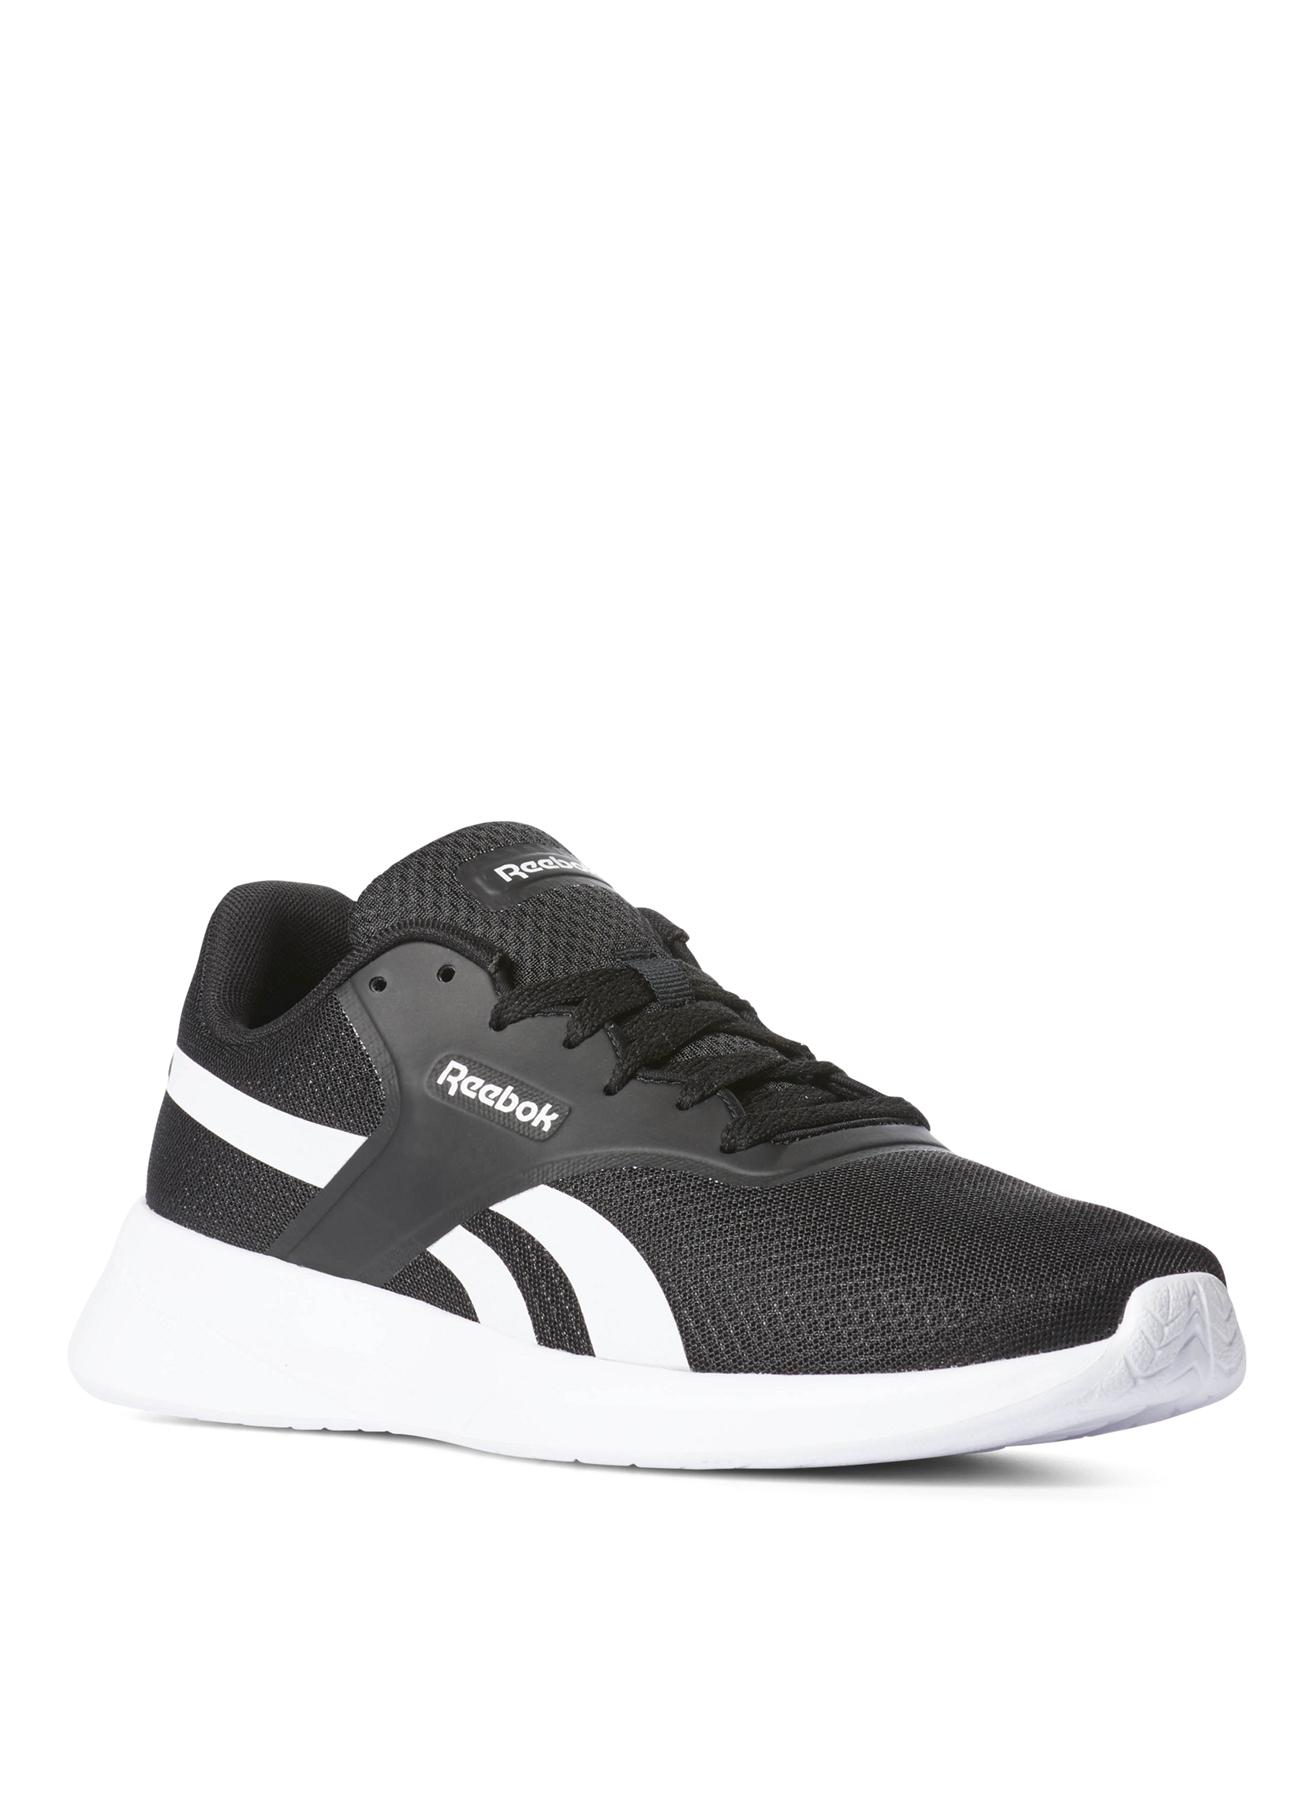 Reebok Lifestyle Ayakkabı 40 5002359644001 Ürün Resmi